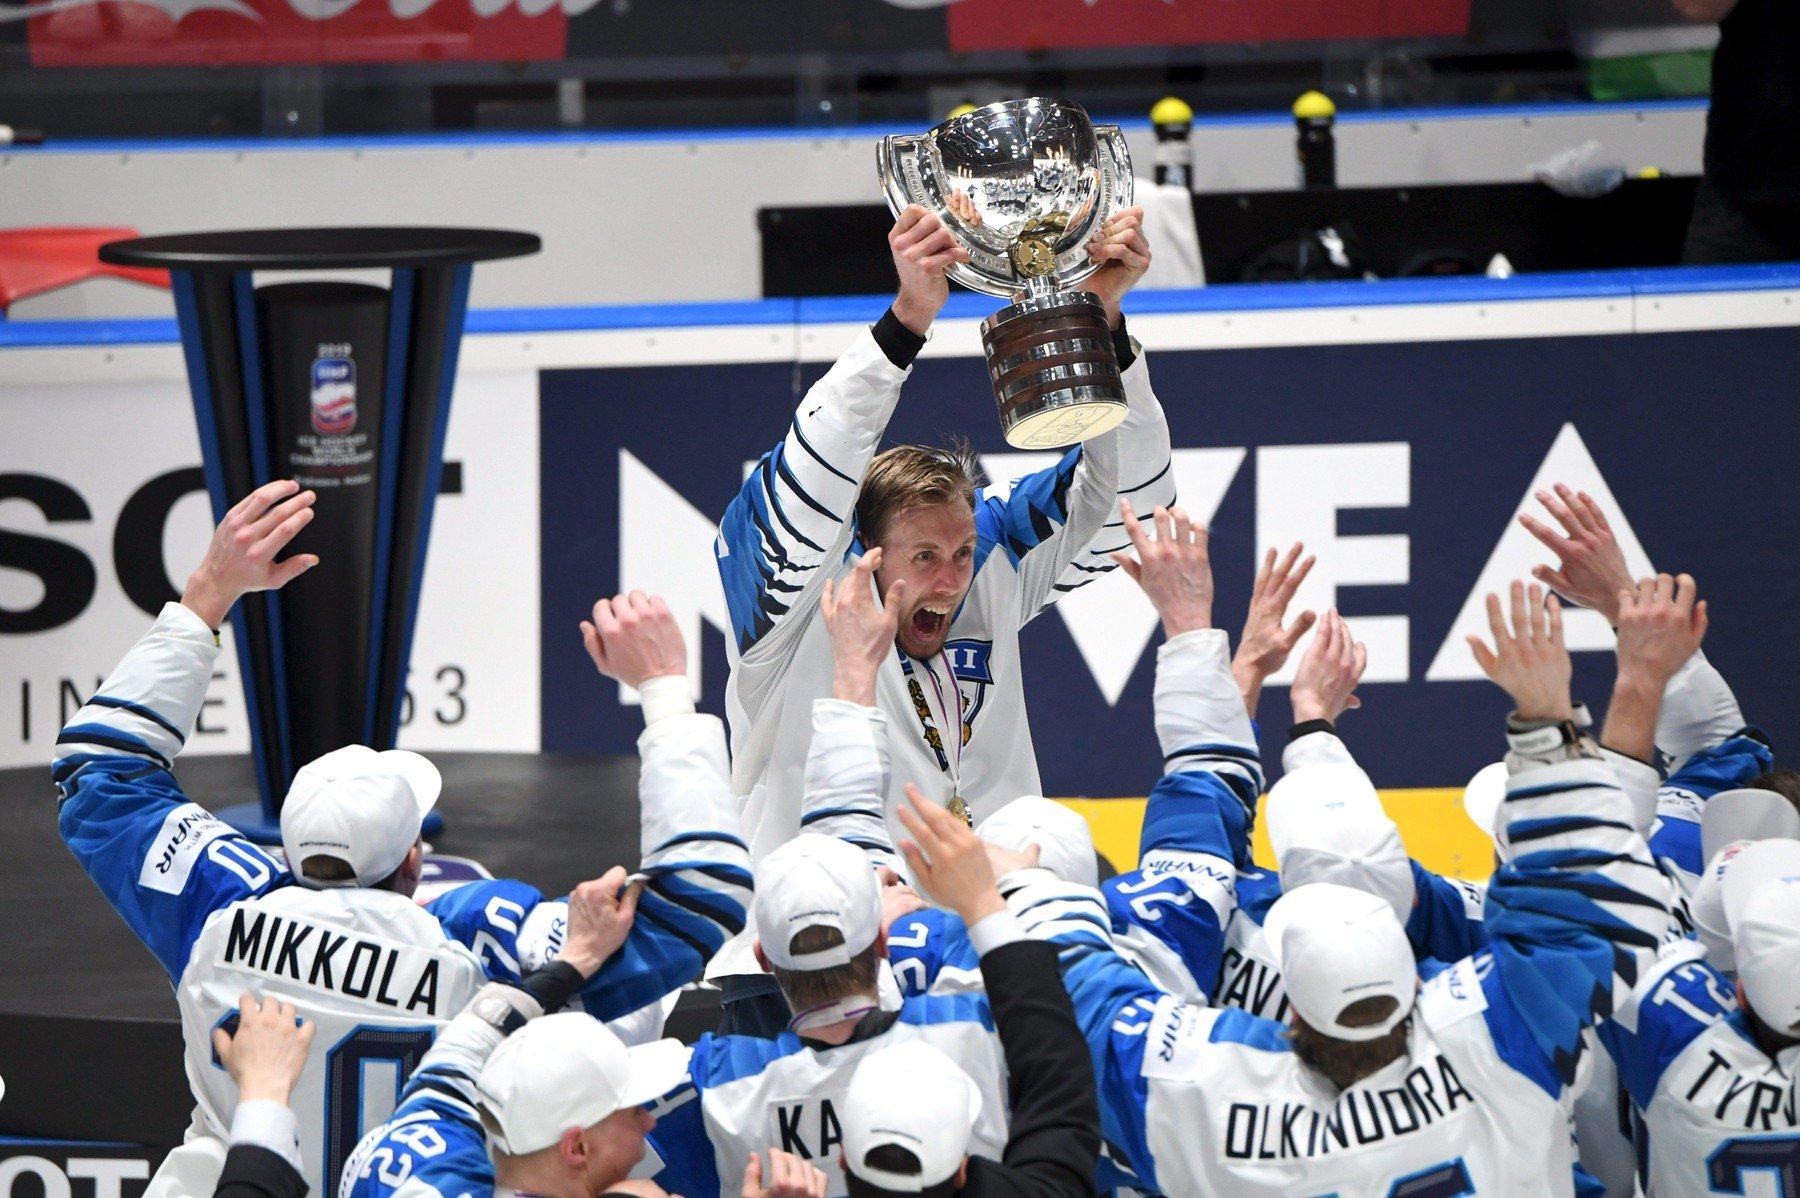 ca4cc8fb3b8e7 Bratislava korunovala nečekané šampiony. Finská parta měla úspěch zapsaný v  osudu - Seznam Zprávy